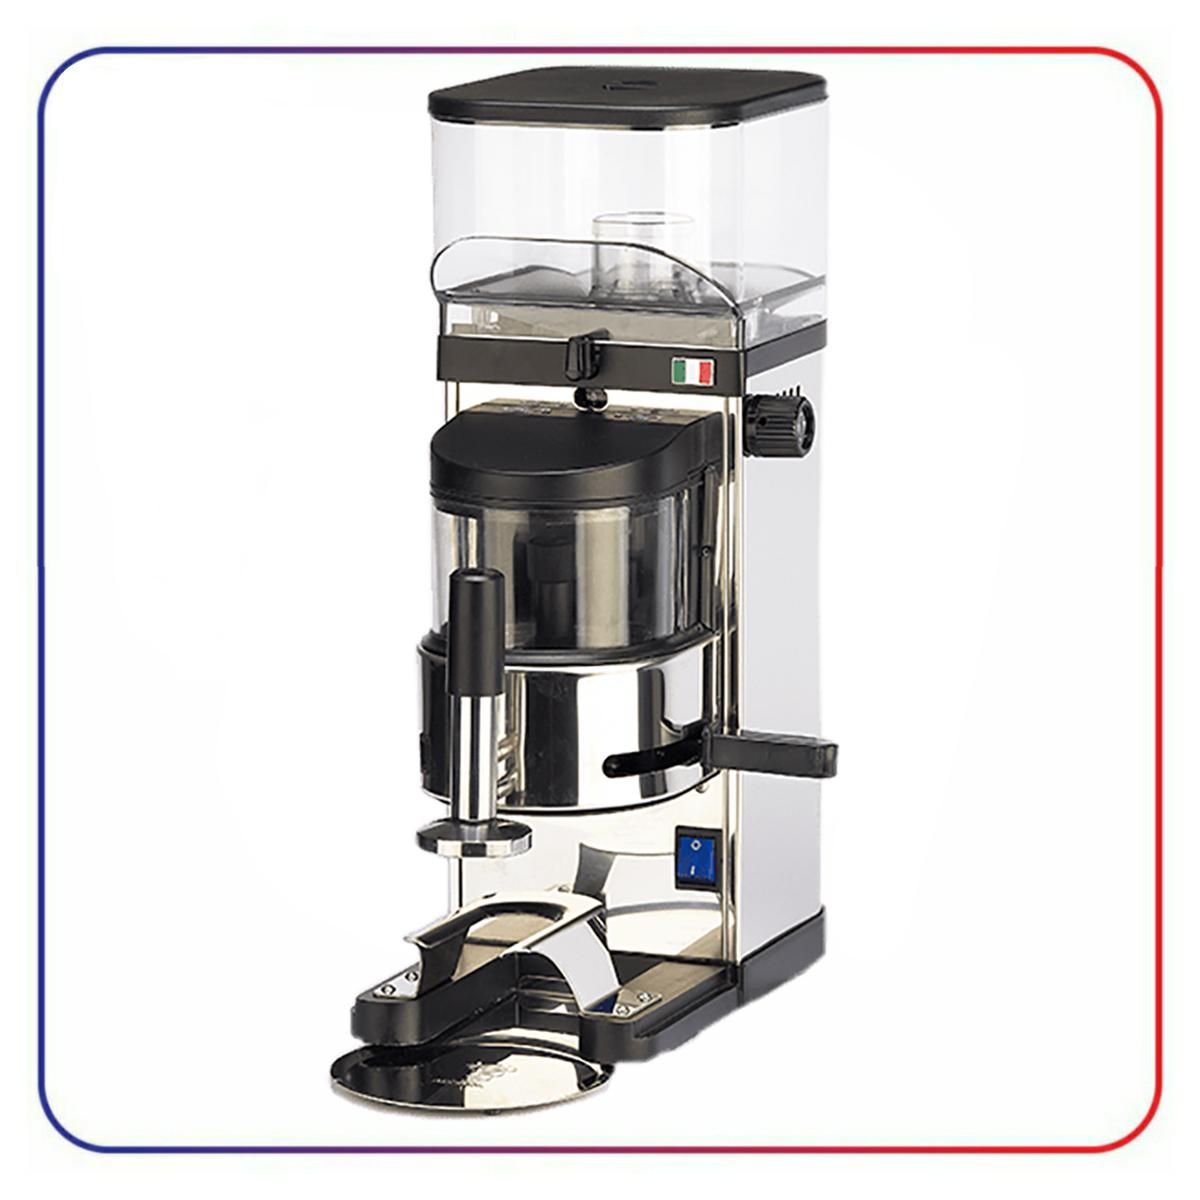 آسیاب قهوه بیزرا مخزن دار BEZZERA BB 020 NR